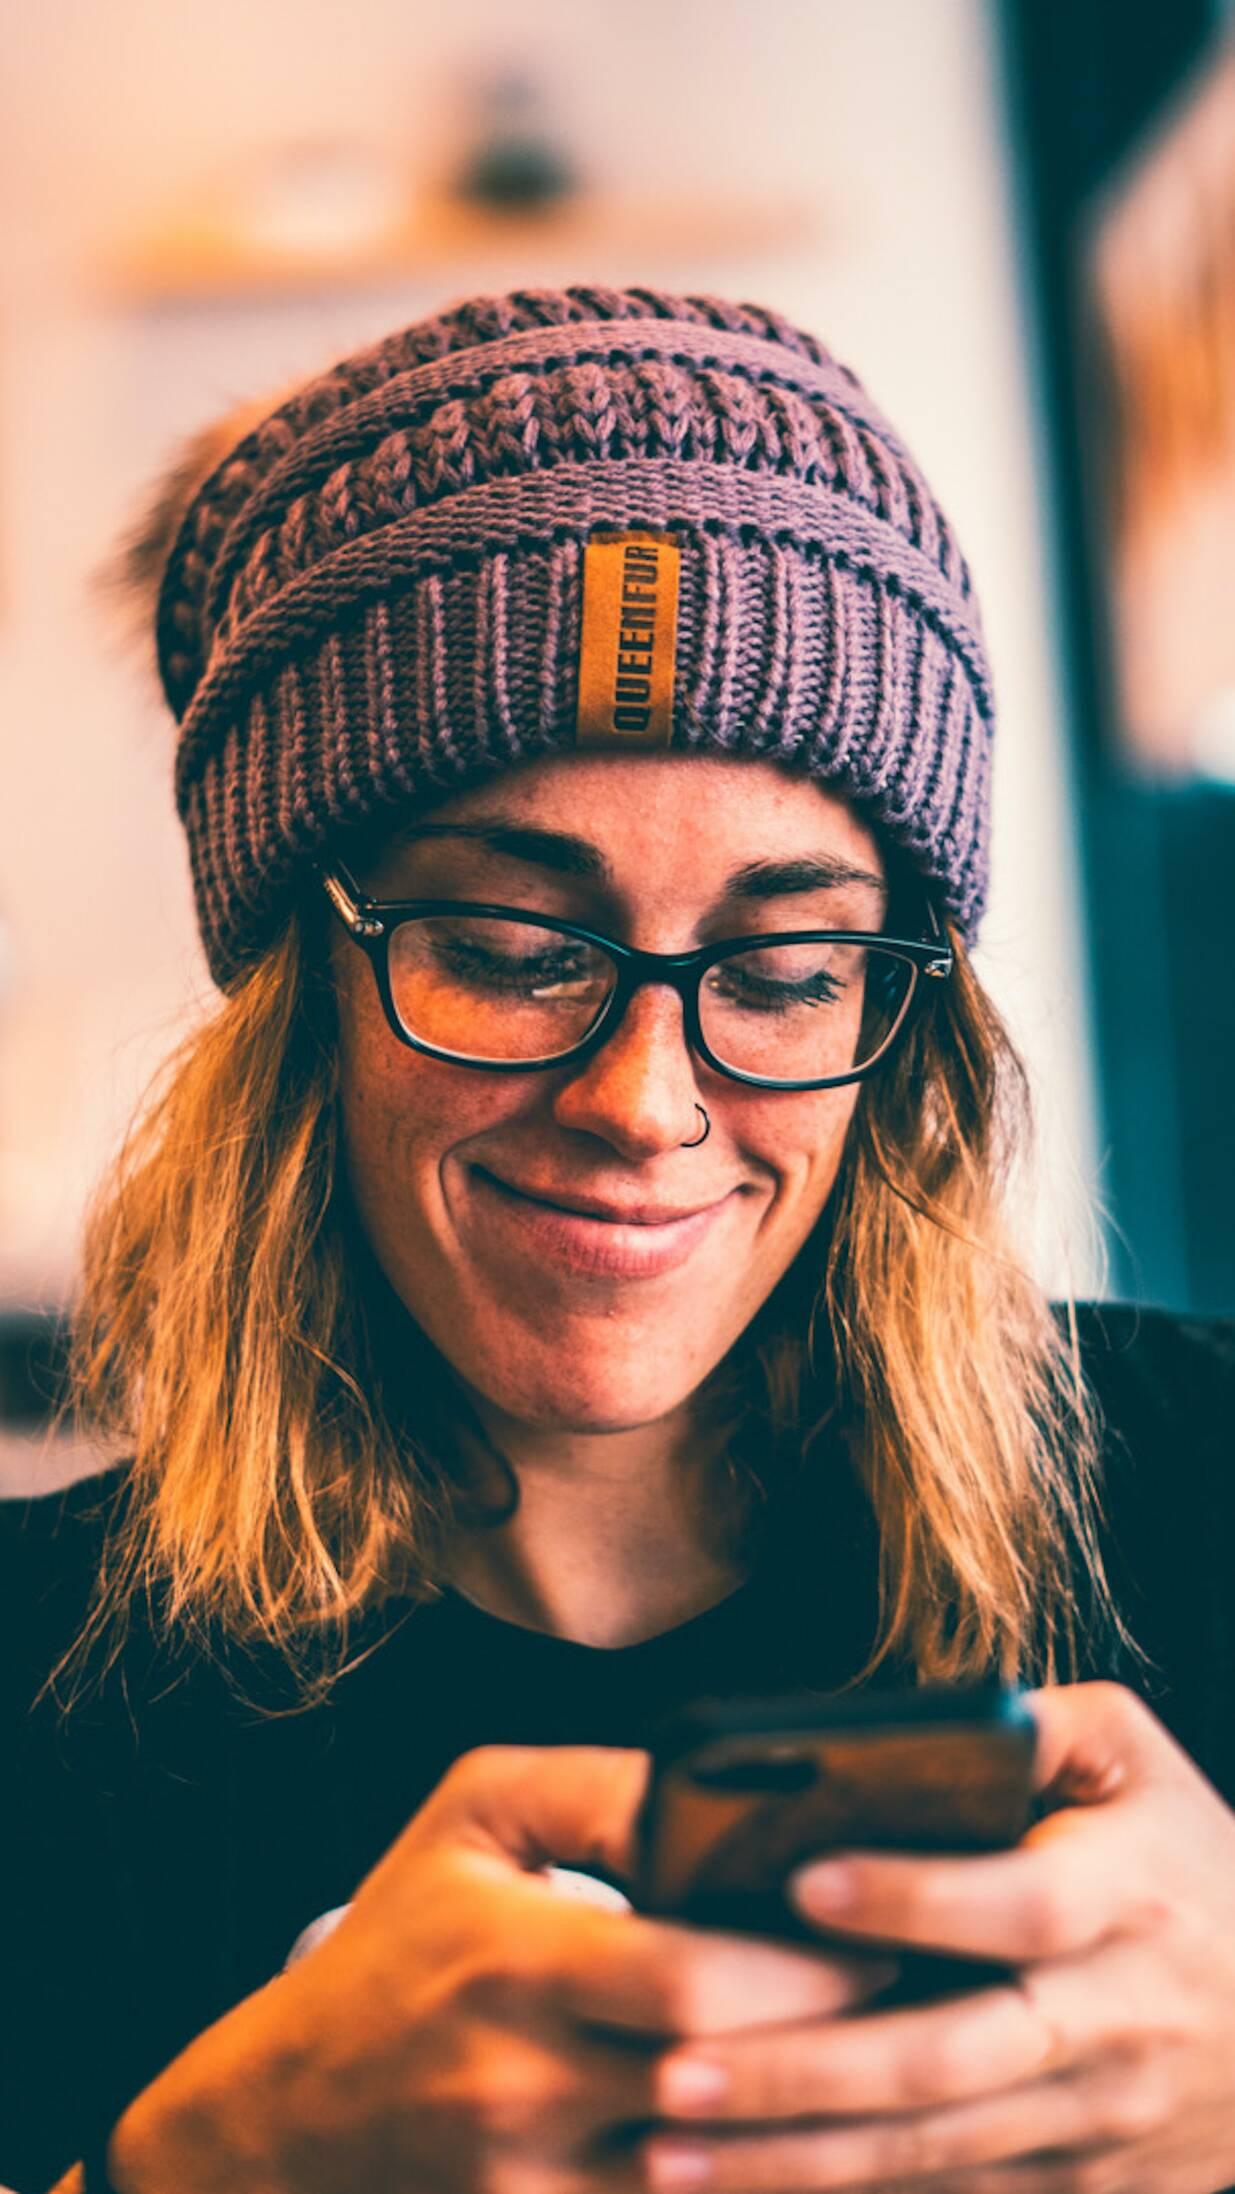 woman-looking-at-phone